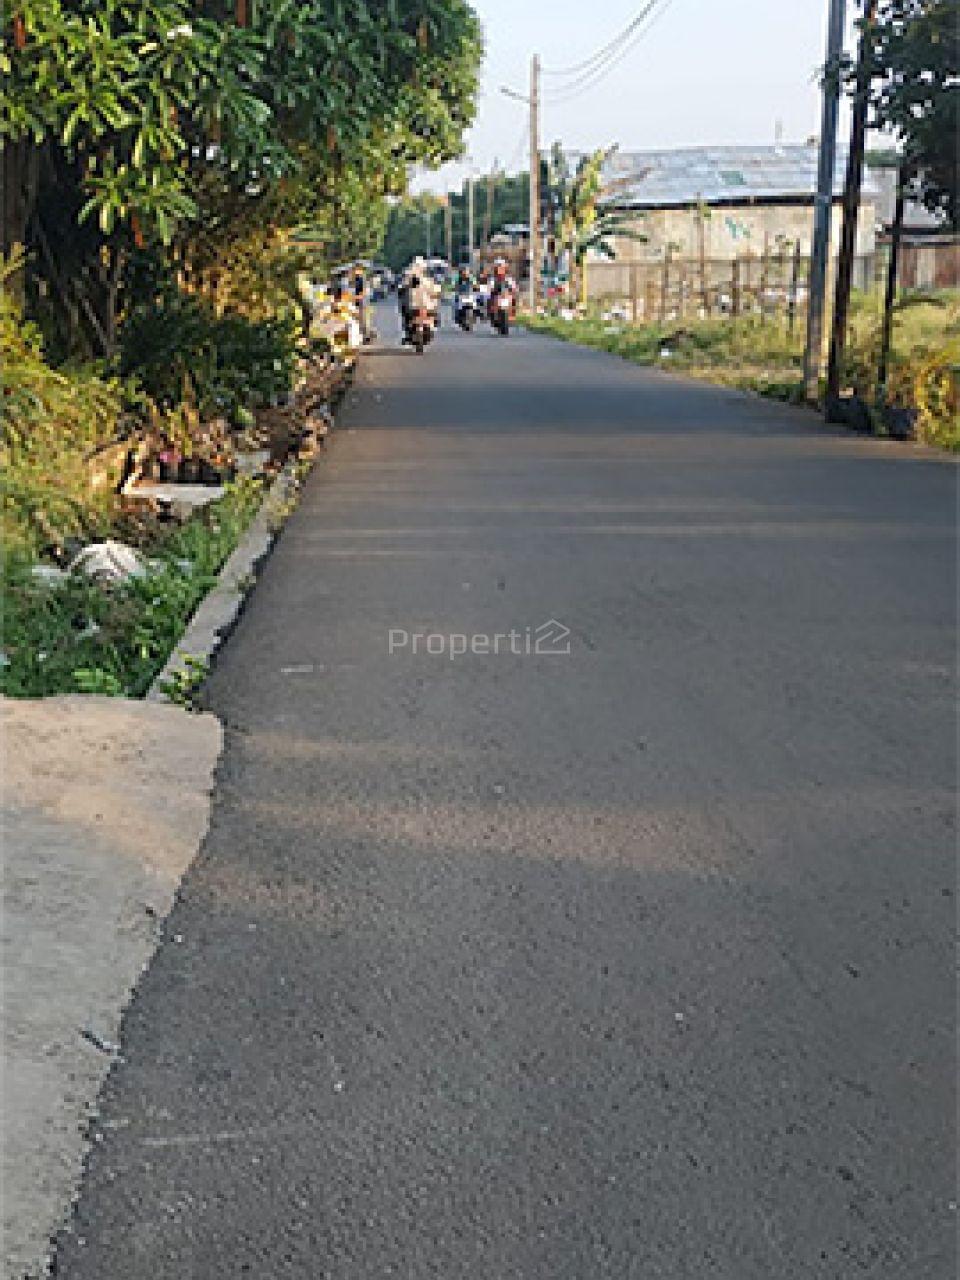 Lahan Perumahan di Meruya Selatan, DKI Jakarta